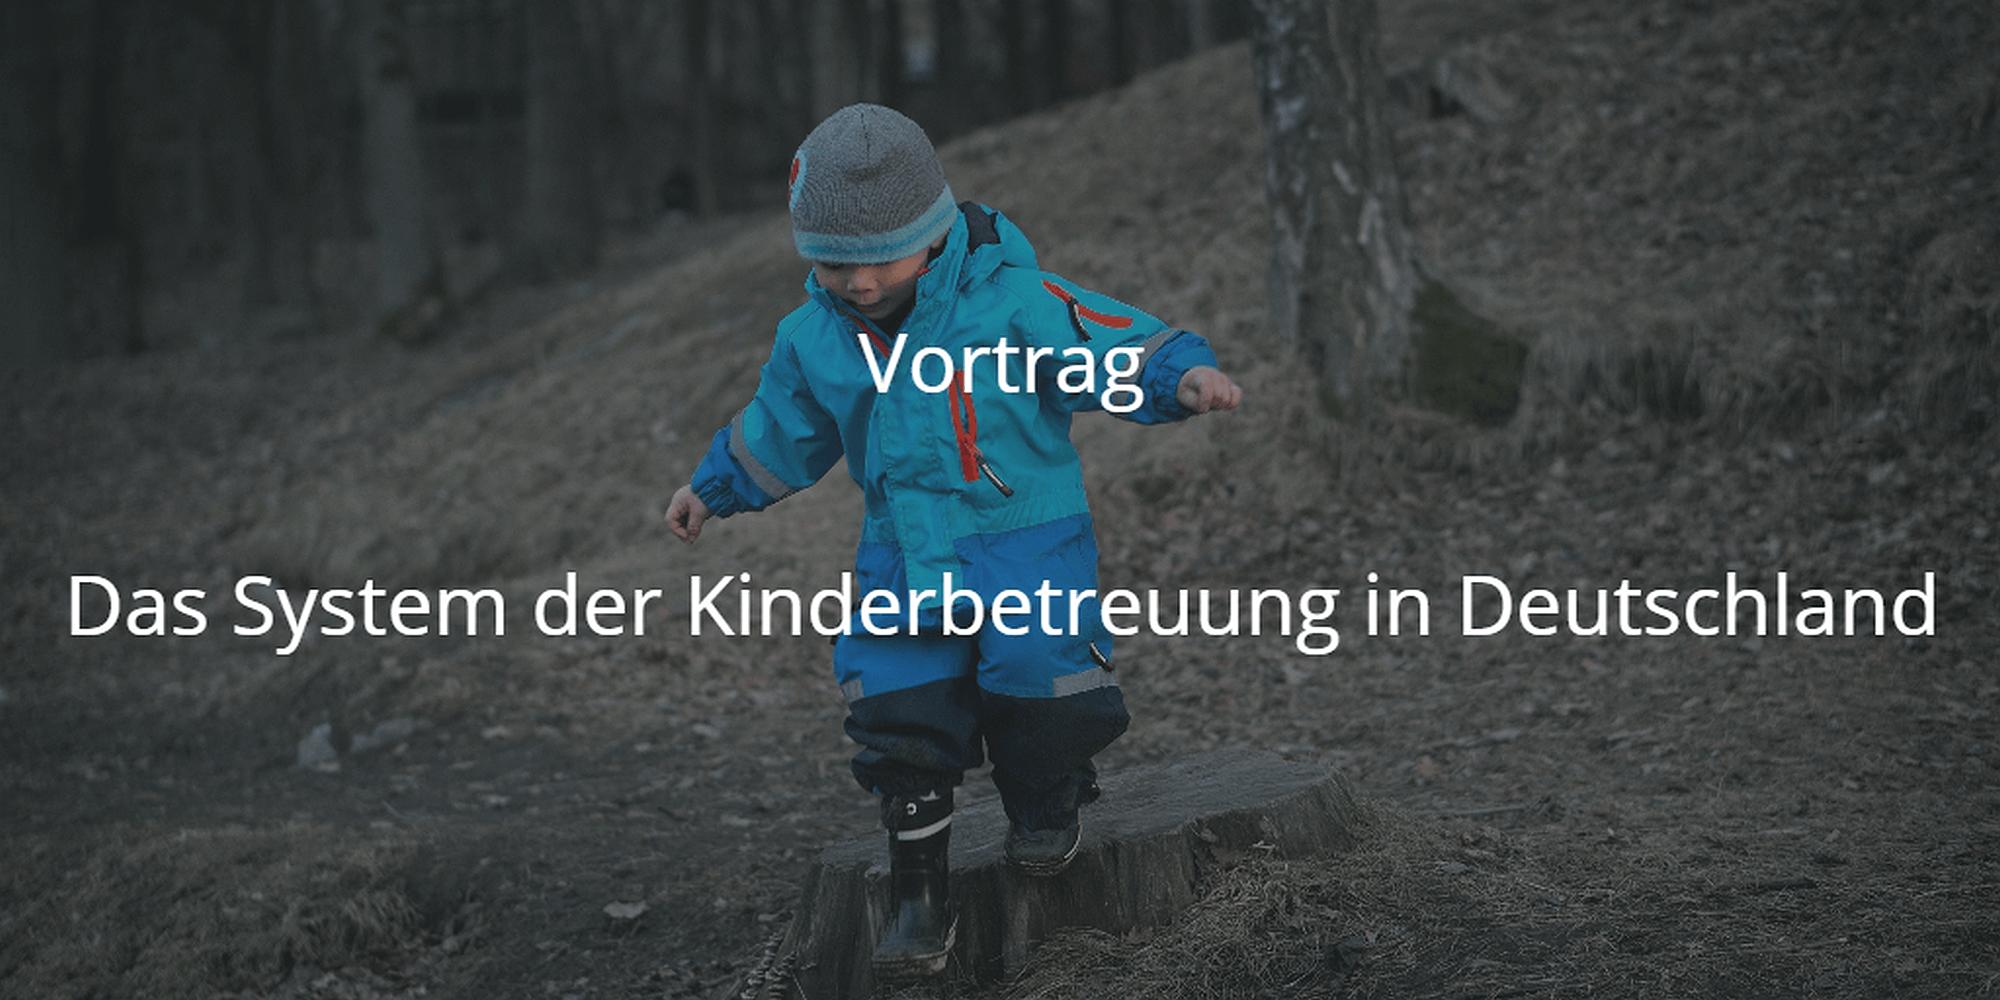 Vortrag Das System der Kinderbetreuung in Deutschland